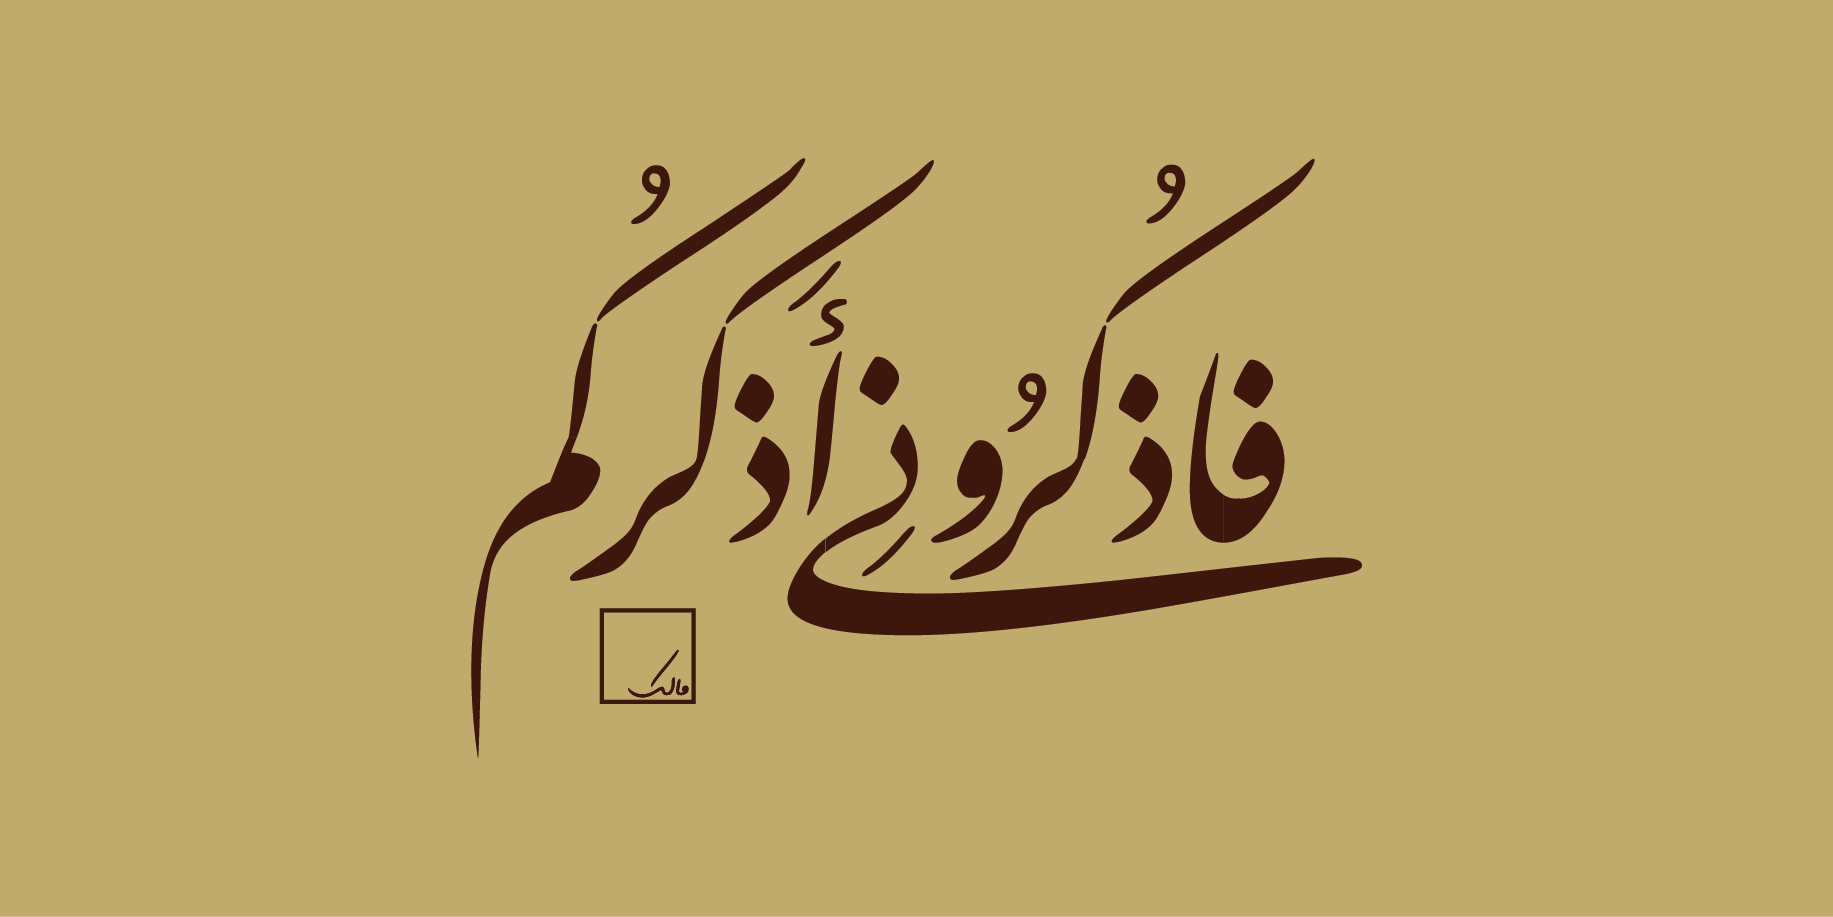 مخطوطة فاذكروني أذكركم بالخط الفارسي